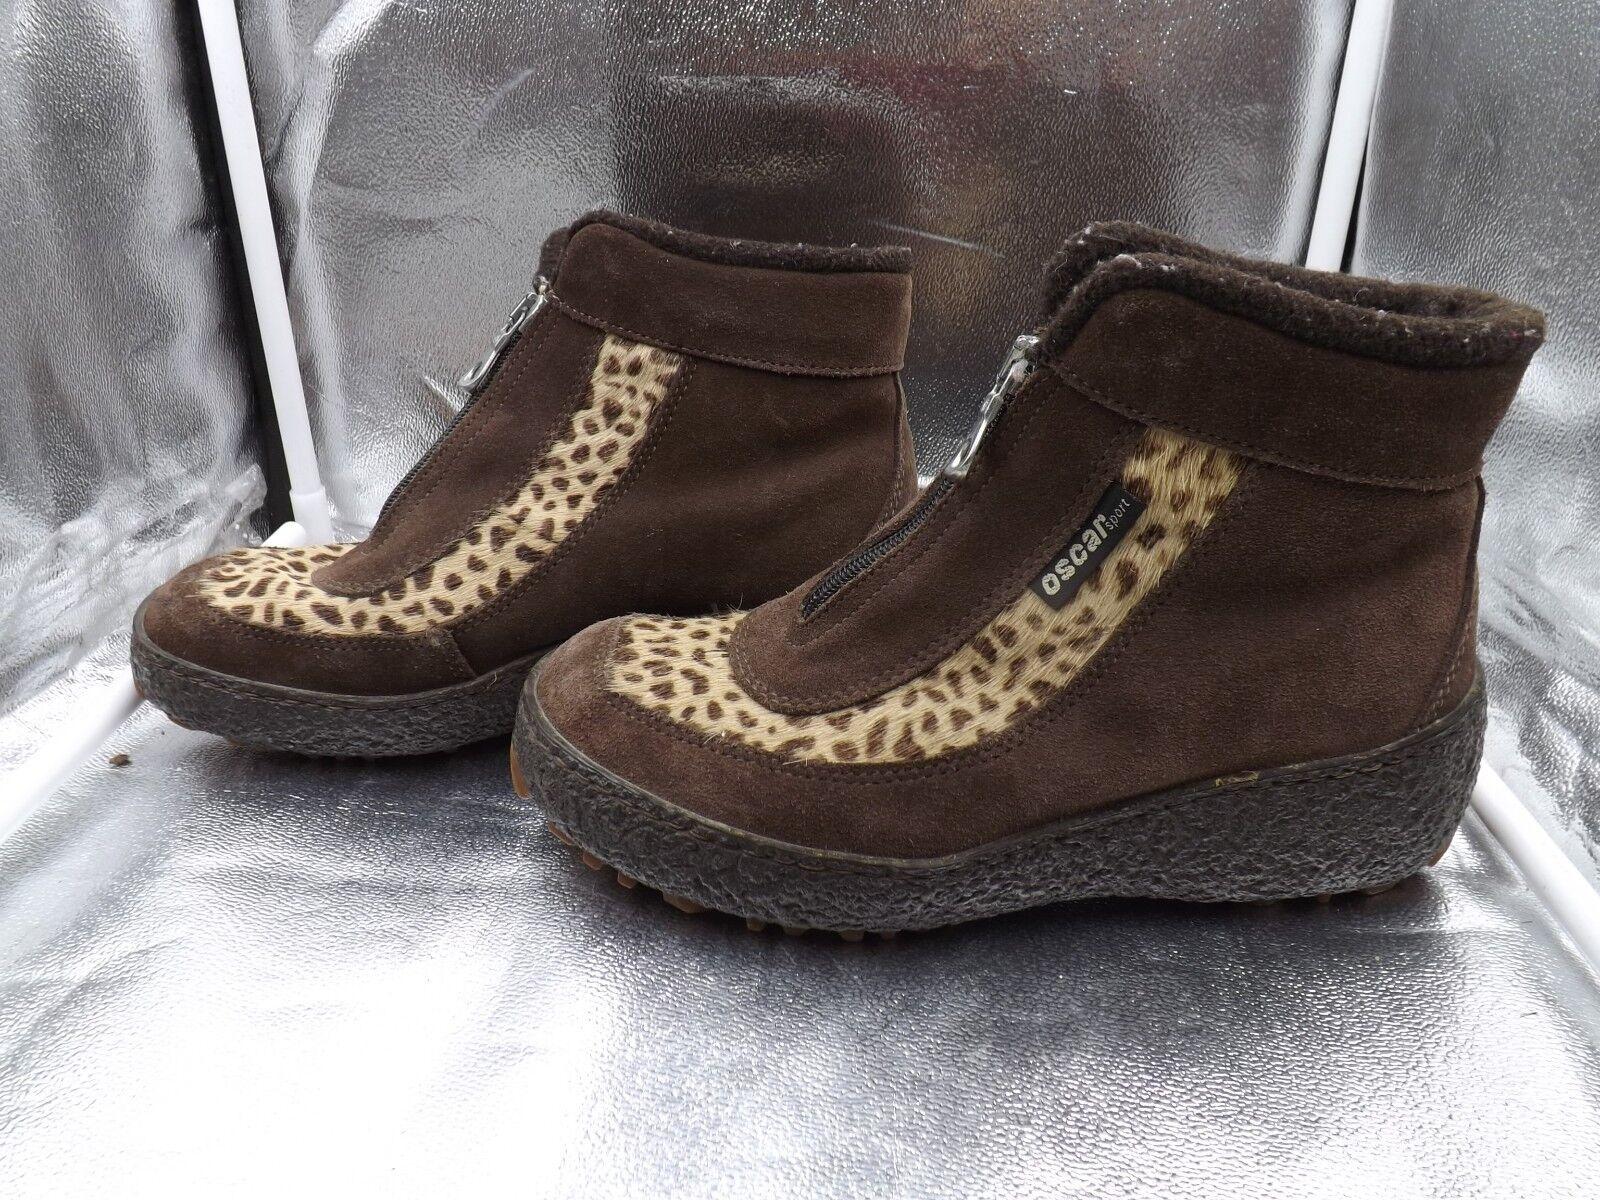 Oscar Sport Leopard Leopard Leopard Print Fur Boots Fully Lined Made in  Women's 9 Eur 40 4db449